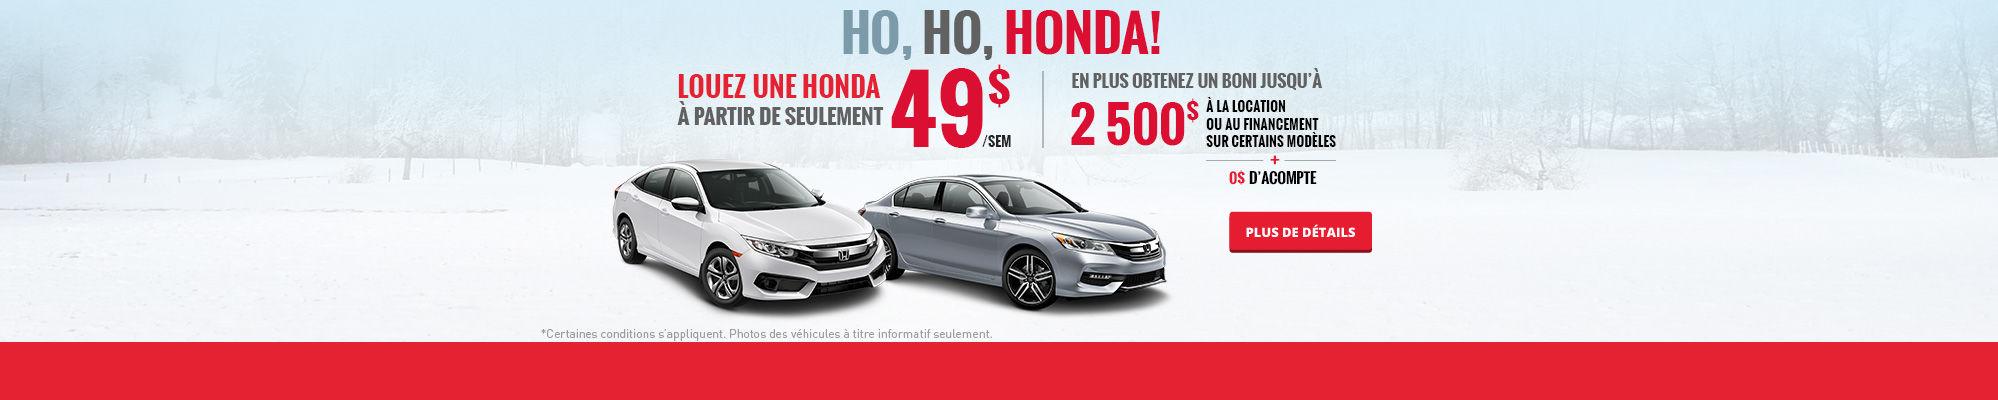 Ho, ho, Honda! - Décembre